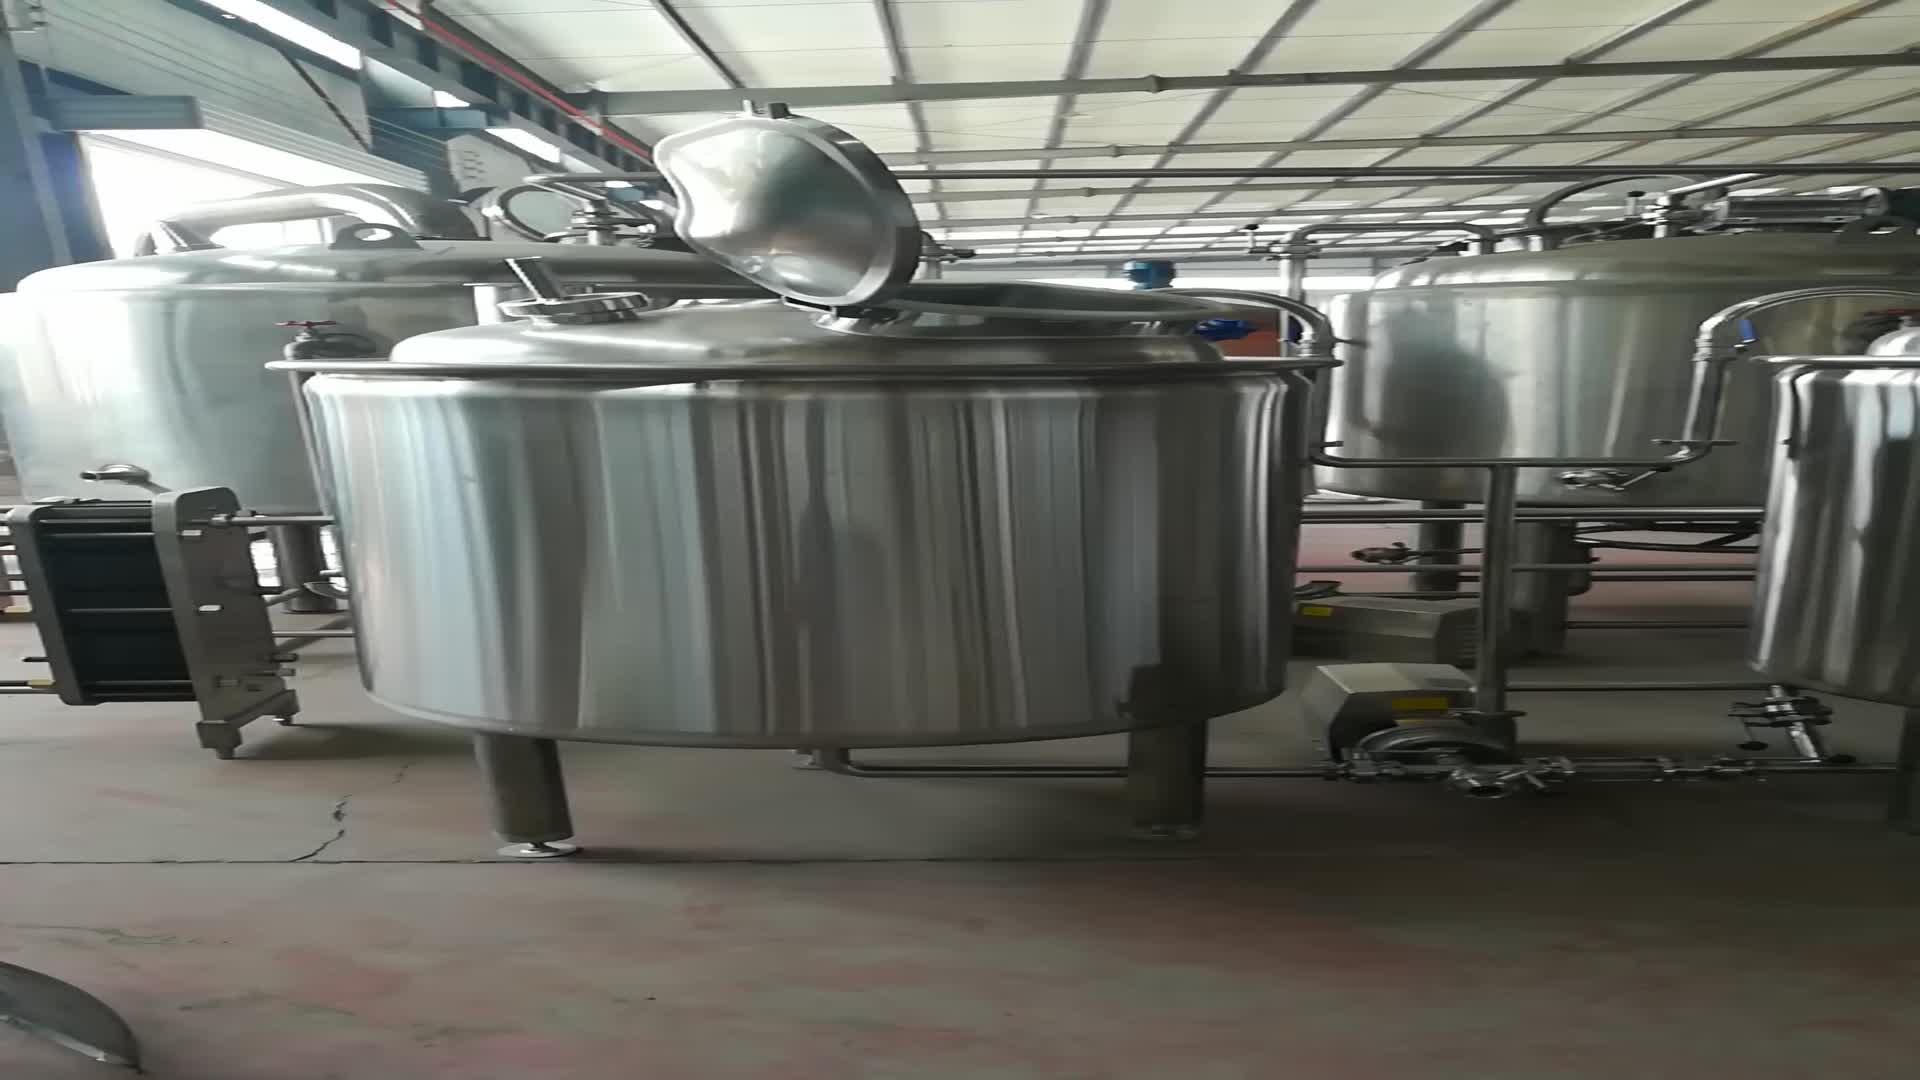 आर्गन आर्क वेल्डिंग किण्वन प्रणाली के लिए बीयर उपकरण